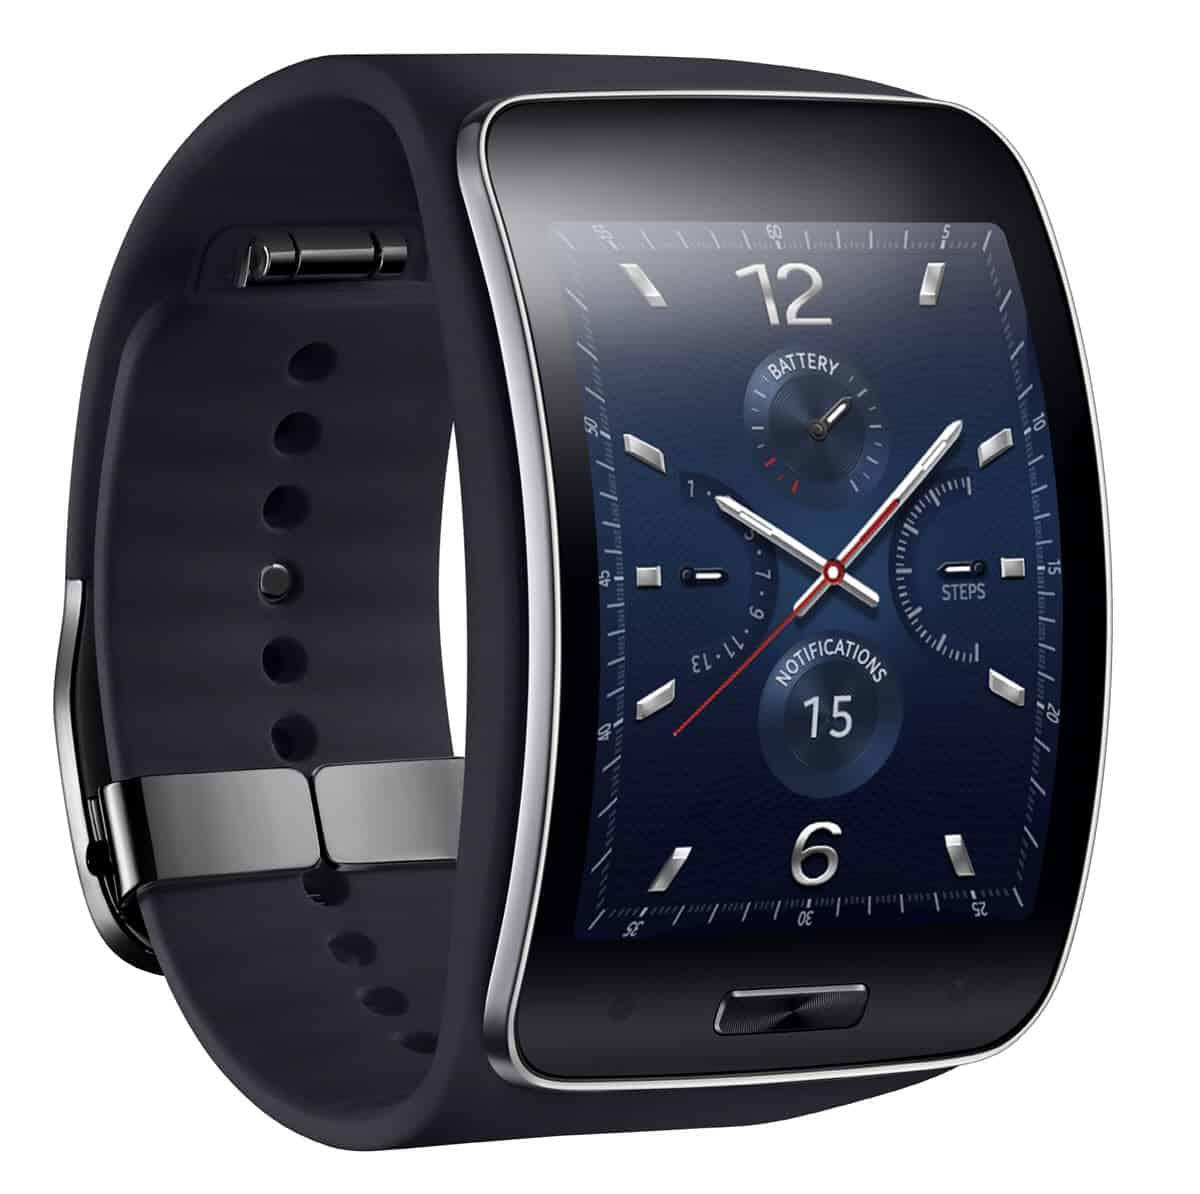 Samsung Gear S - eckig statt rund aber gebogen